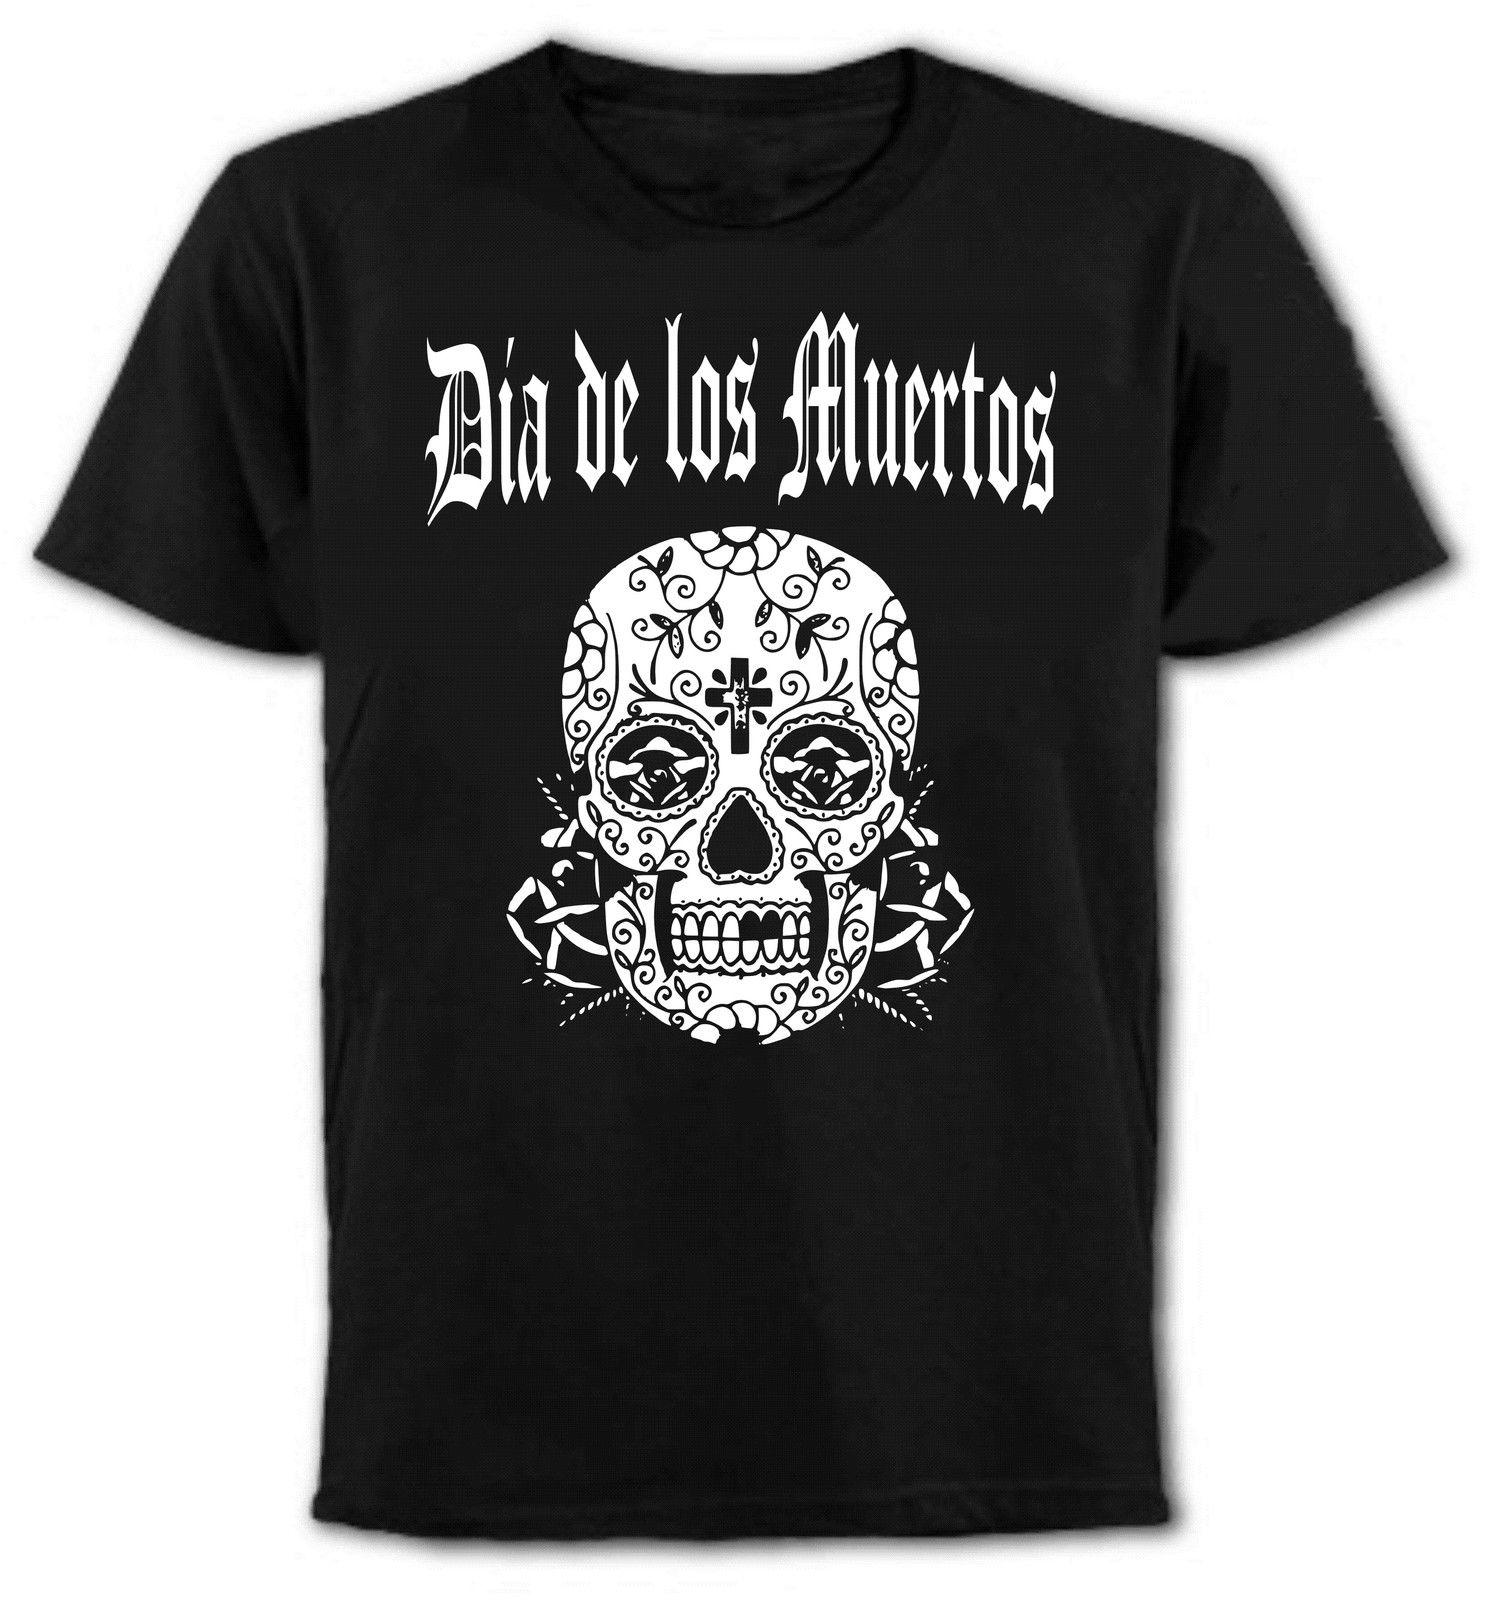 Tag Des Mexikanisch Schadel T-Shirt - Gotik, Rocker,Punk,Emo,verschiedene MenS Summer Style Fashion Swag Men T Shirts